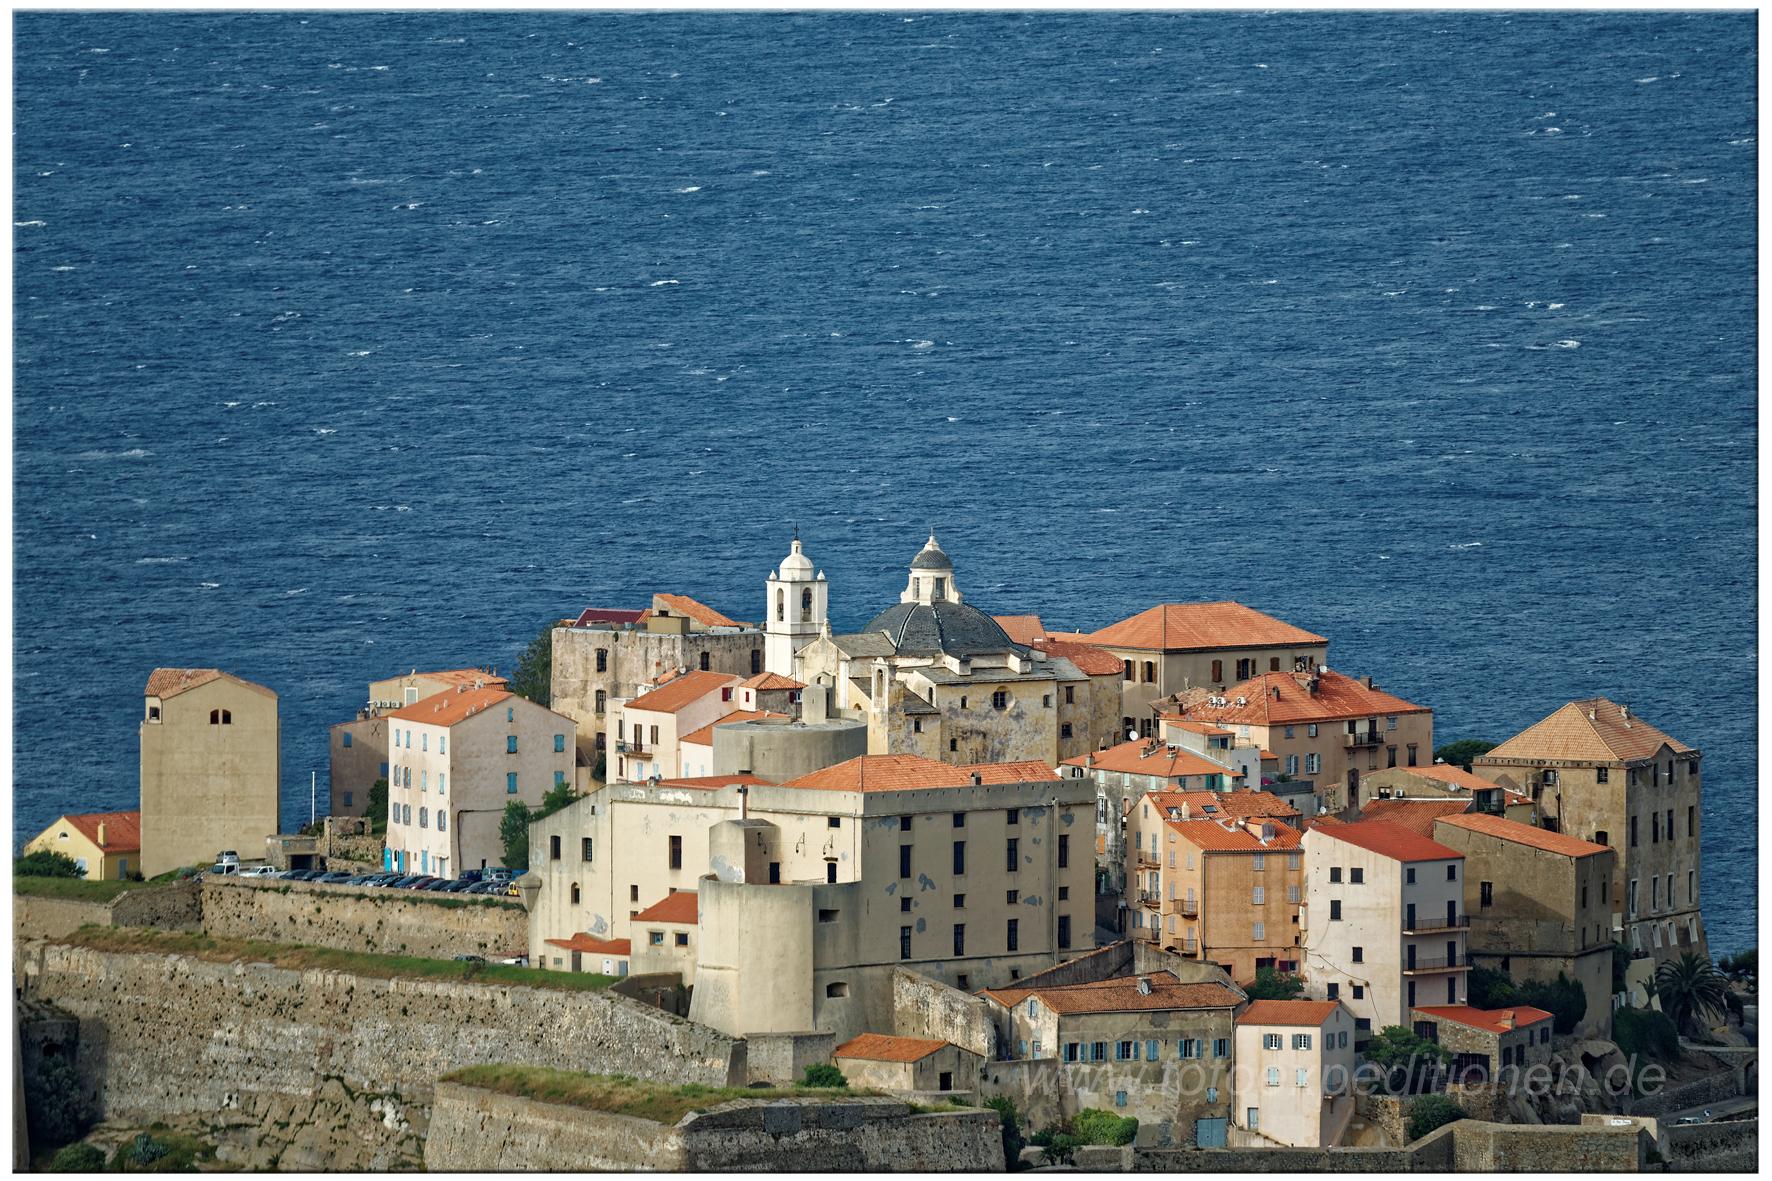 Blick auf die alte Festung von Calvi